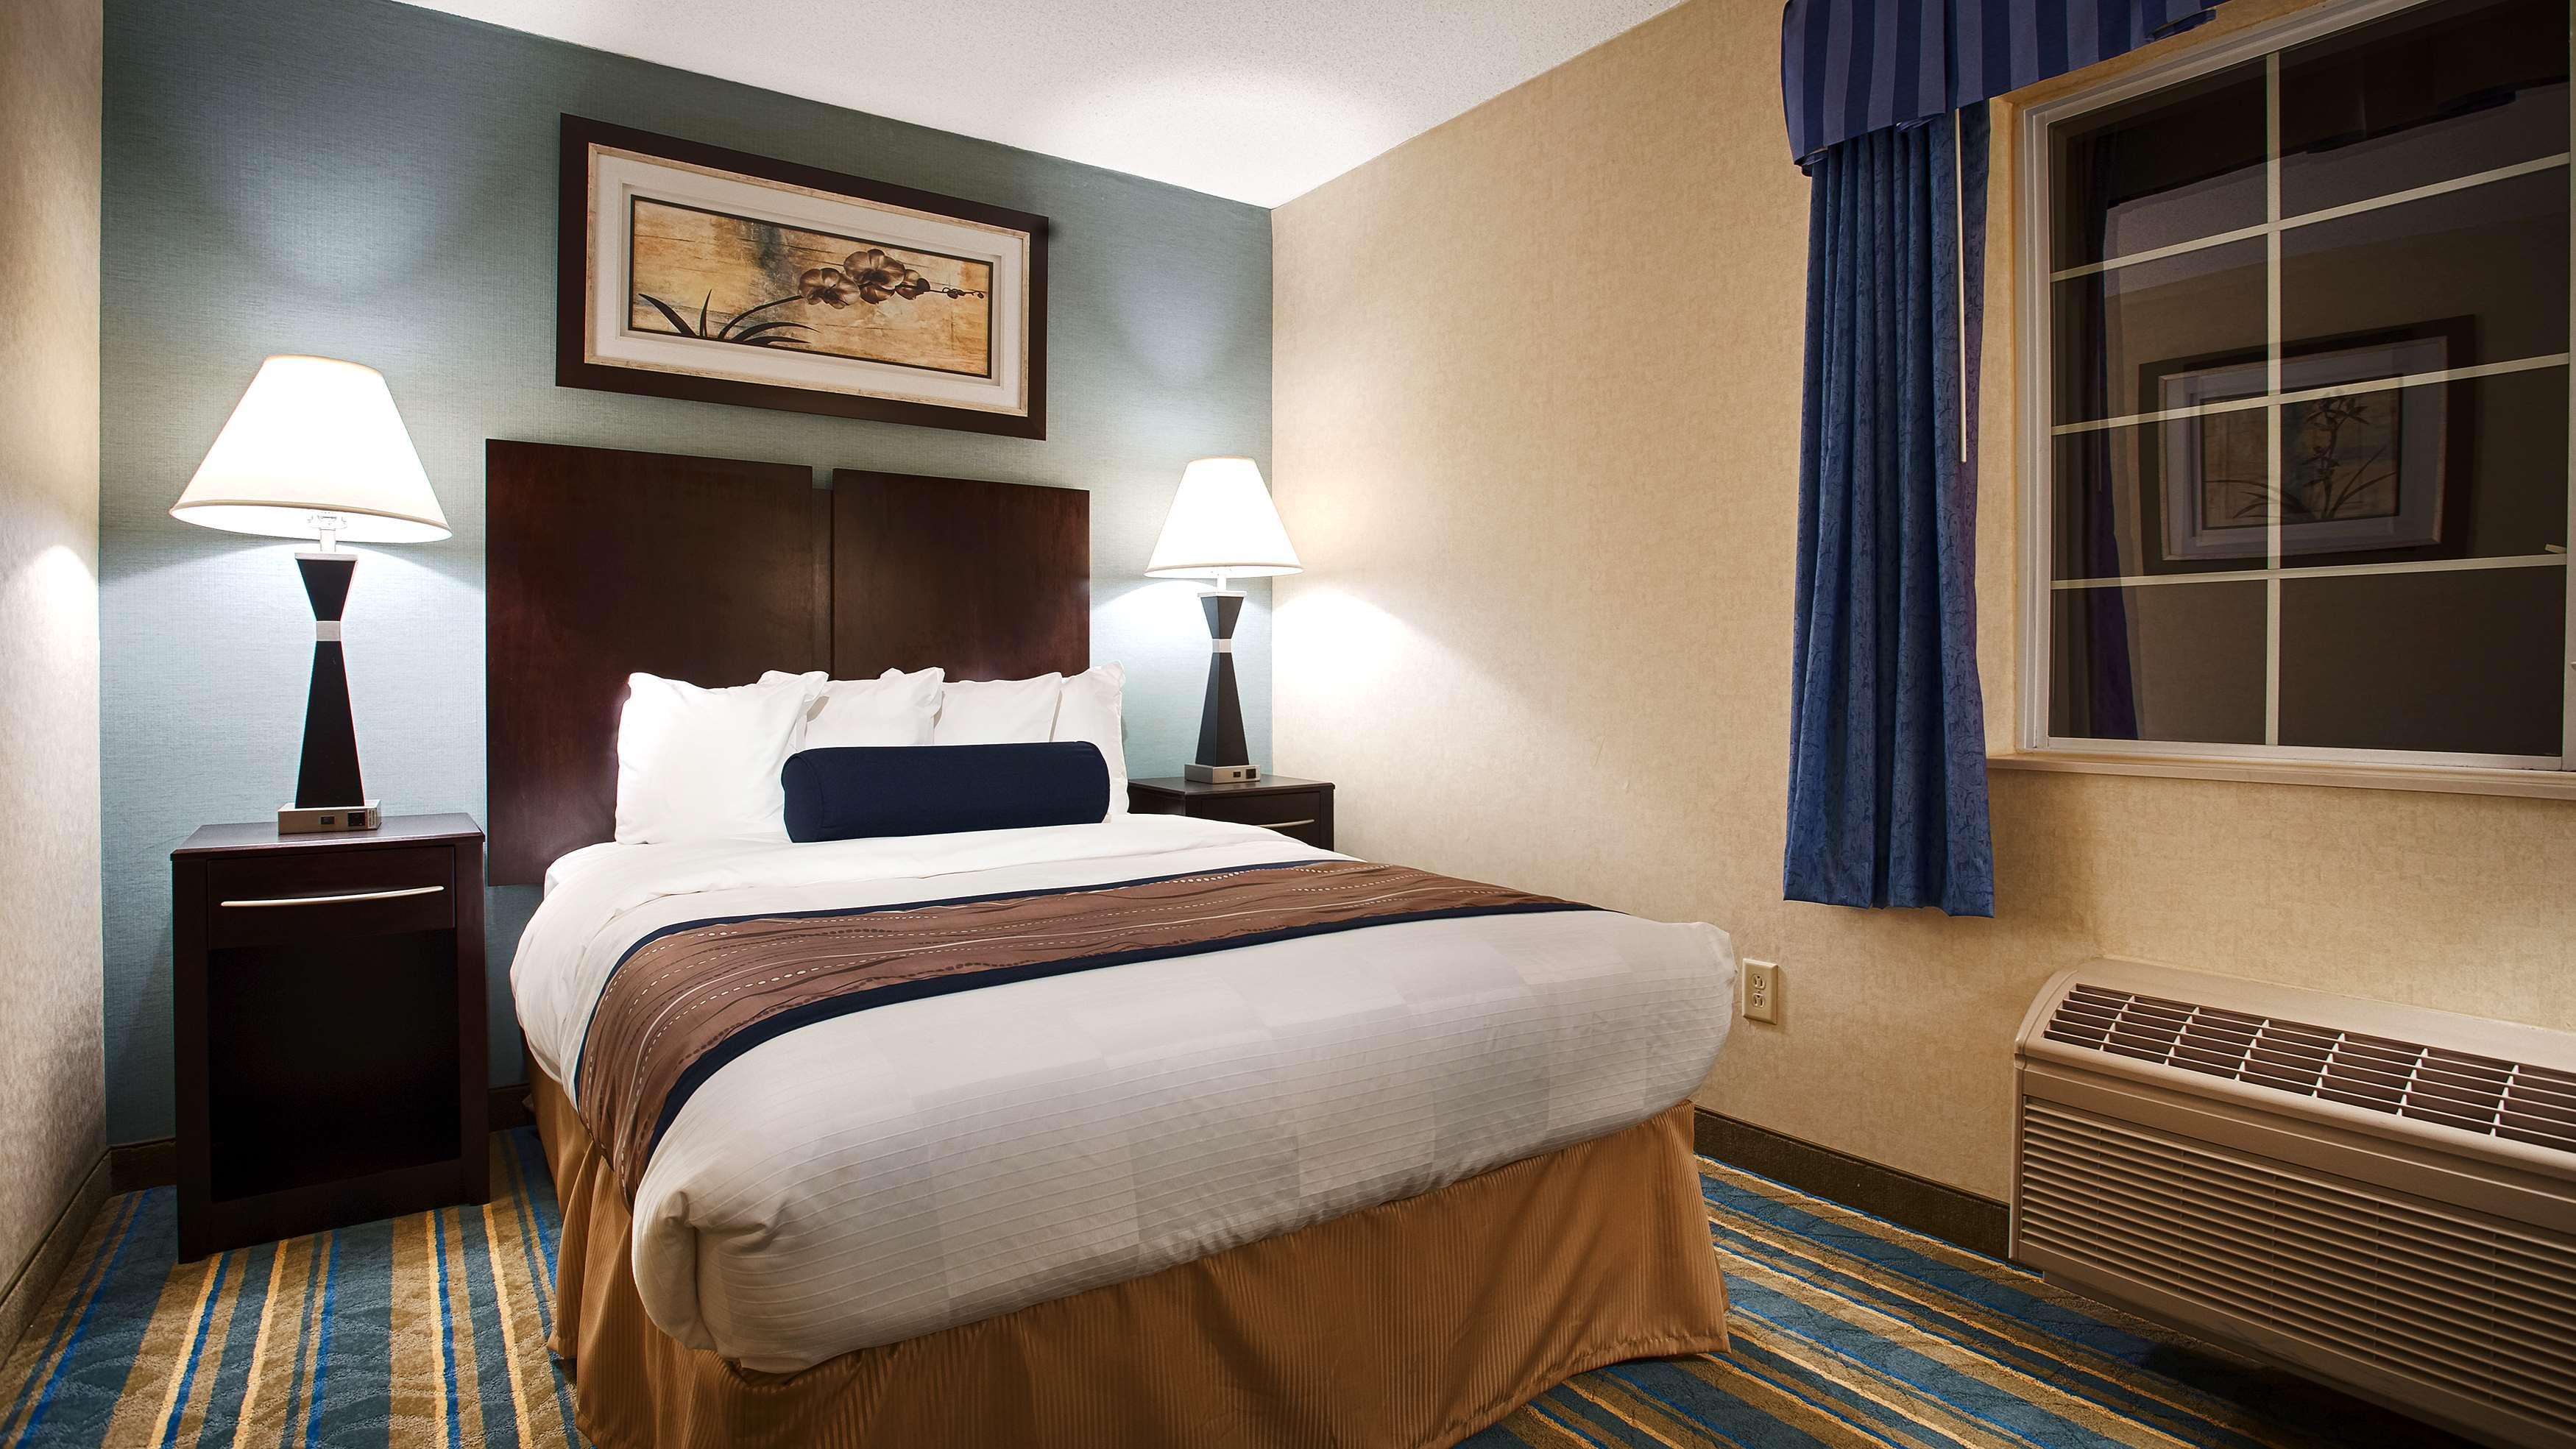 Best Western Plus Berkshire Hills Inn & Suites image 26